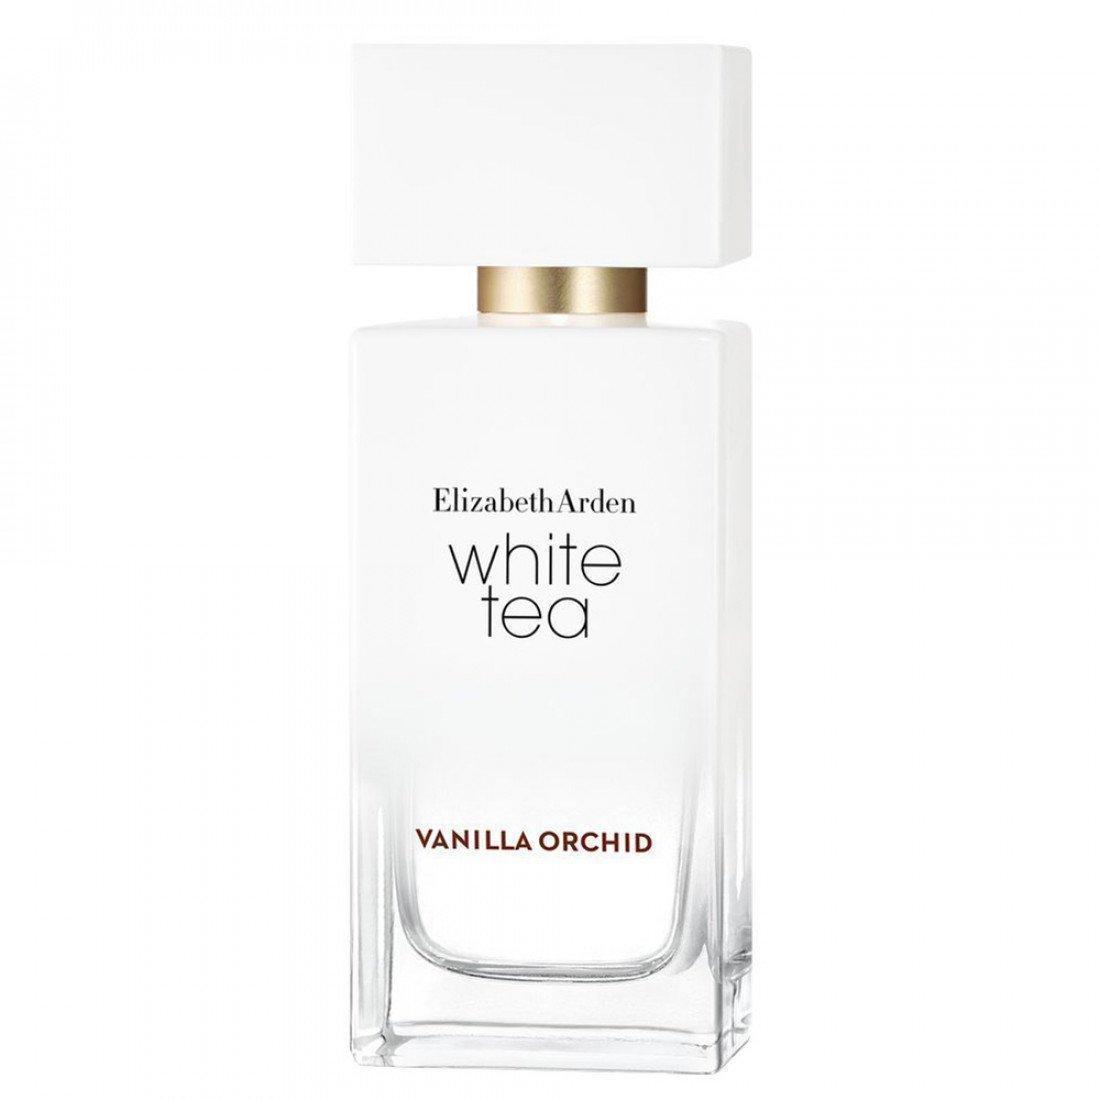 Elizabeth Arden White Tea Vanilla Orchid 100ml tester